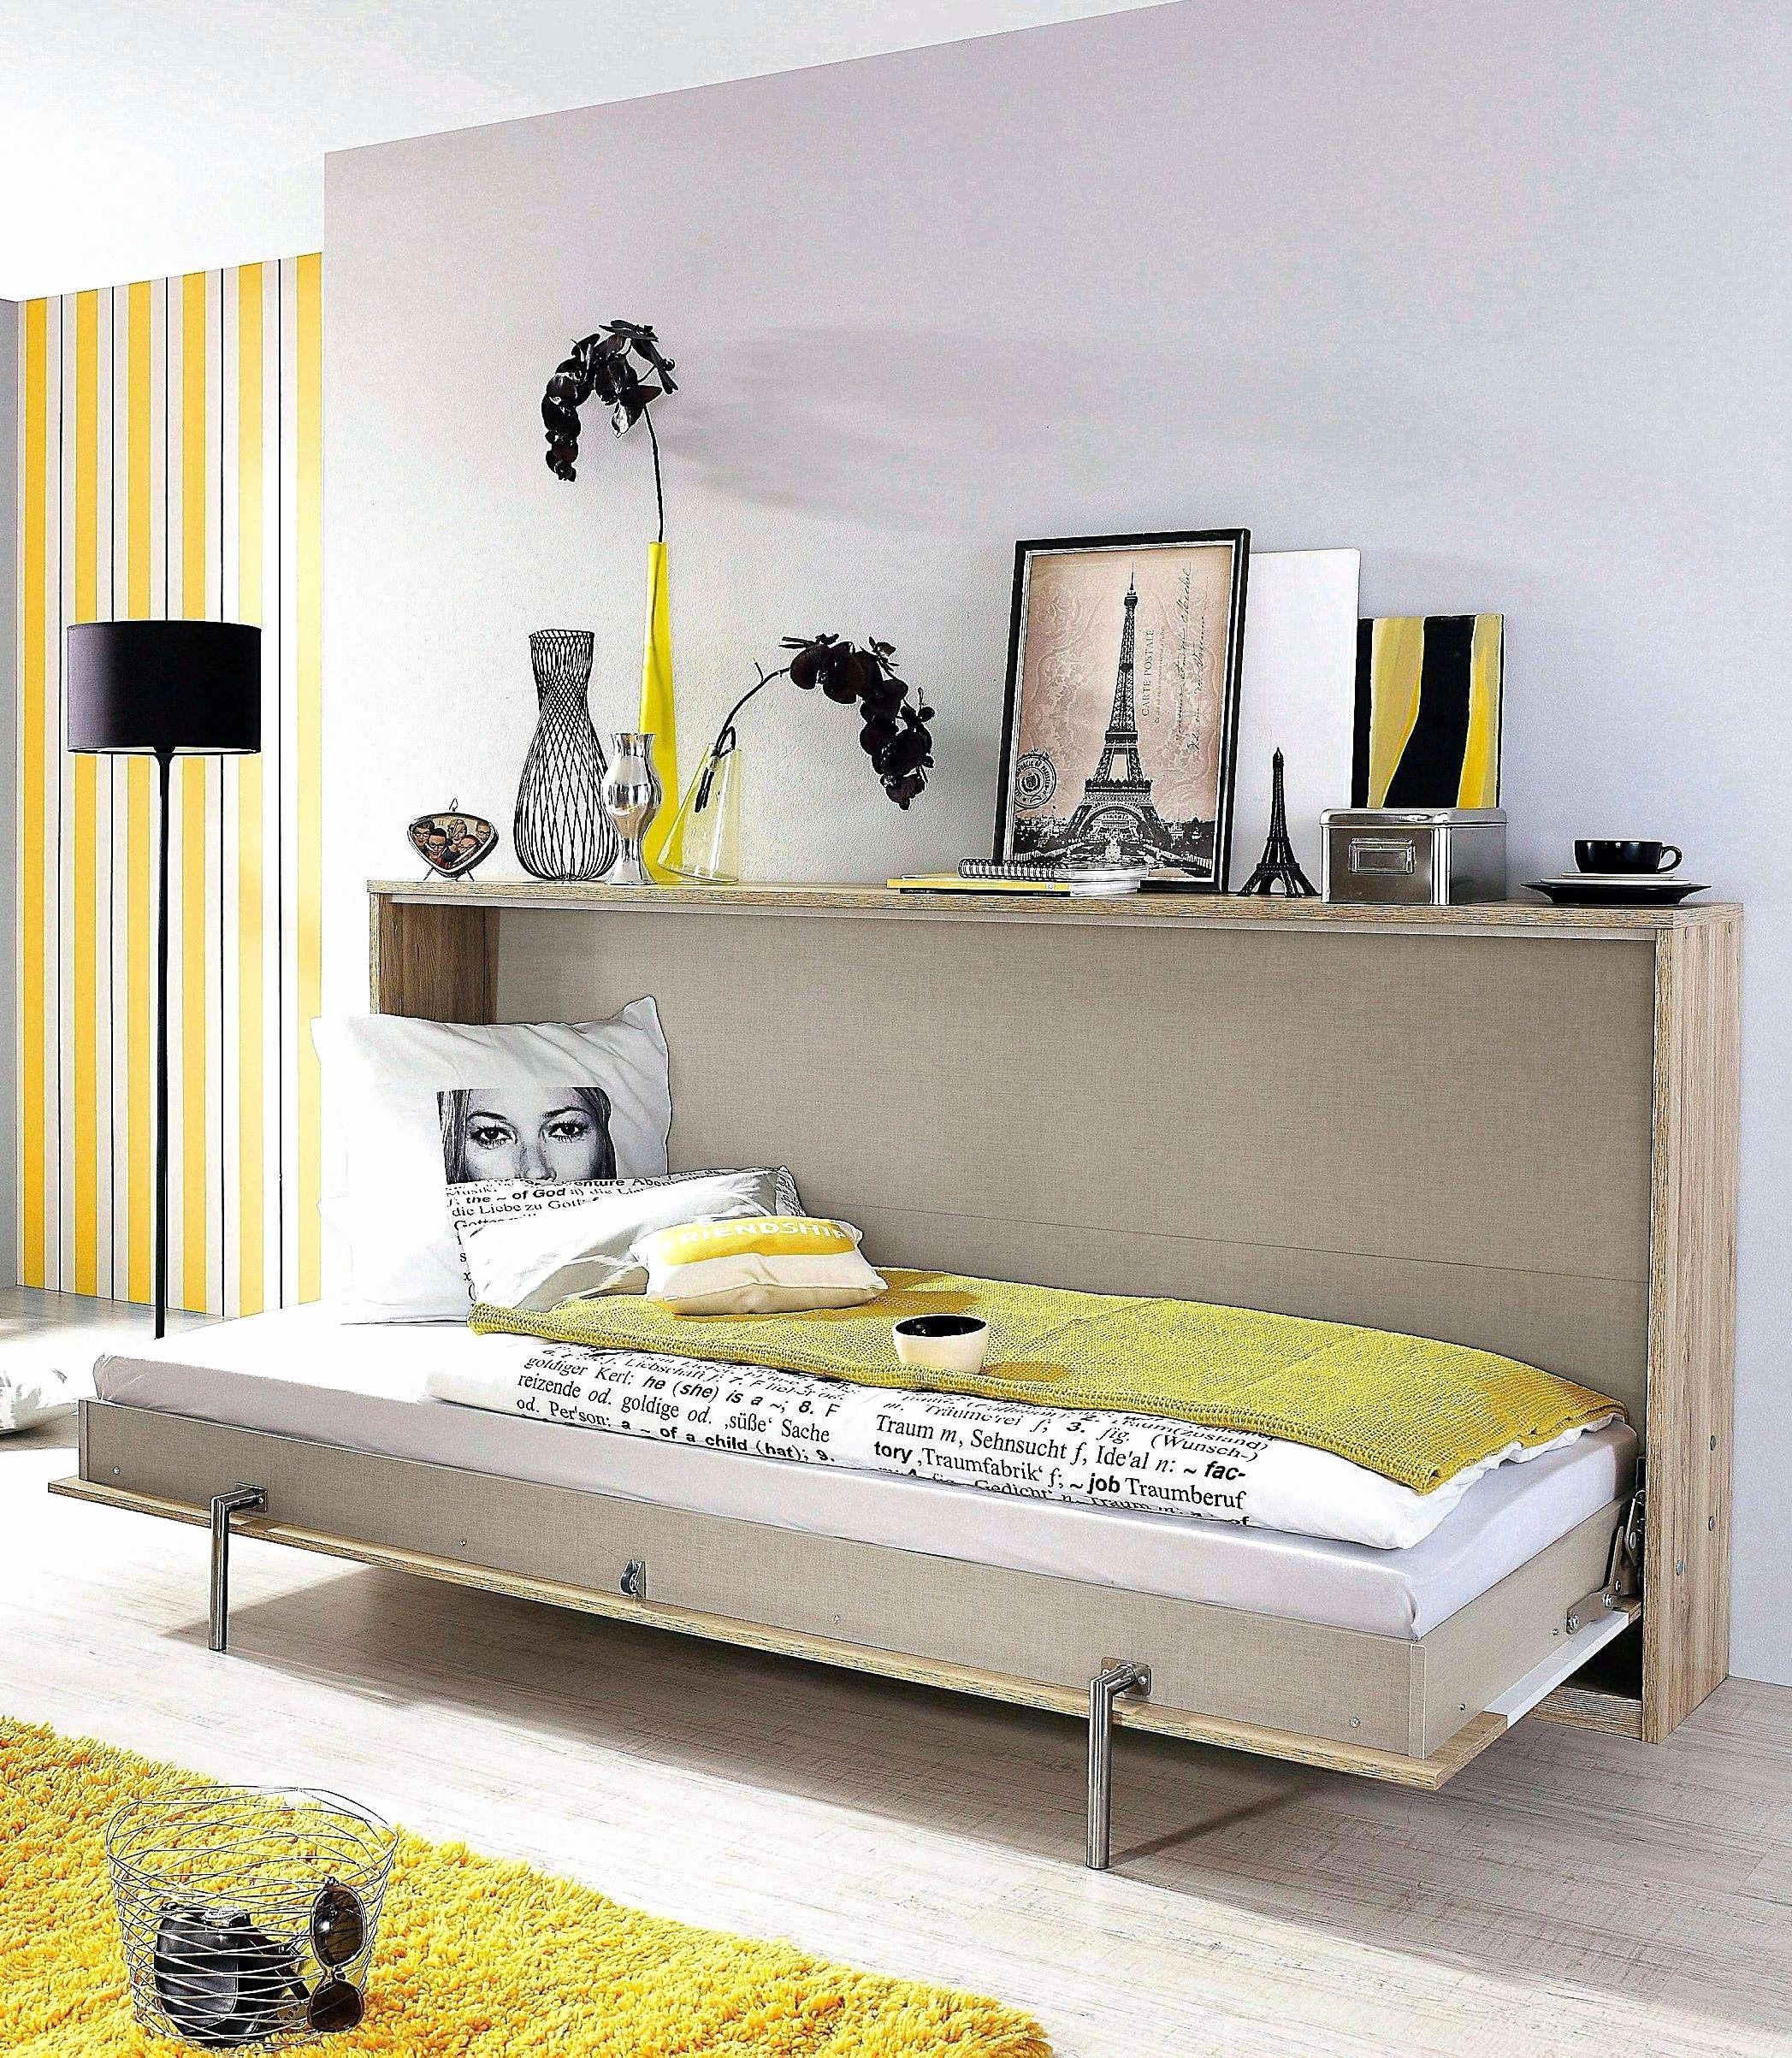 Lit Coffre 140×190 Ikea Magnifique Lit Coffre Blanc 160—200 Meilleur De Mode Ikea Blanche Frais Lit